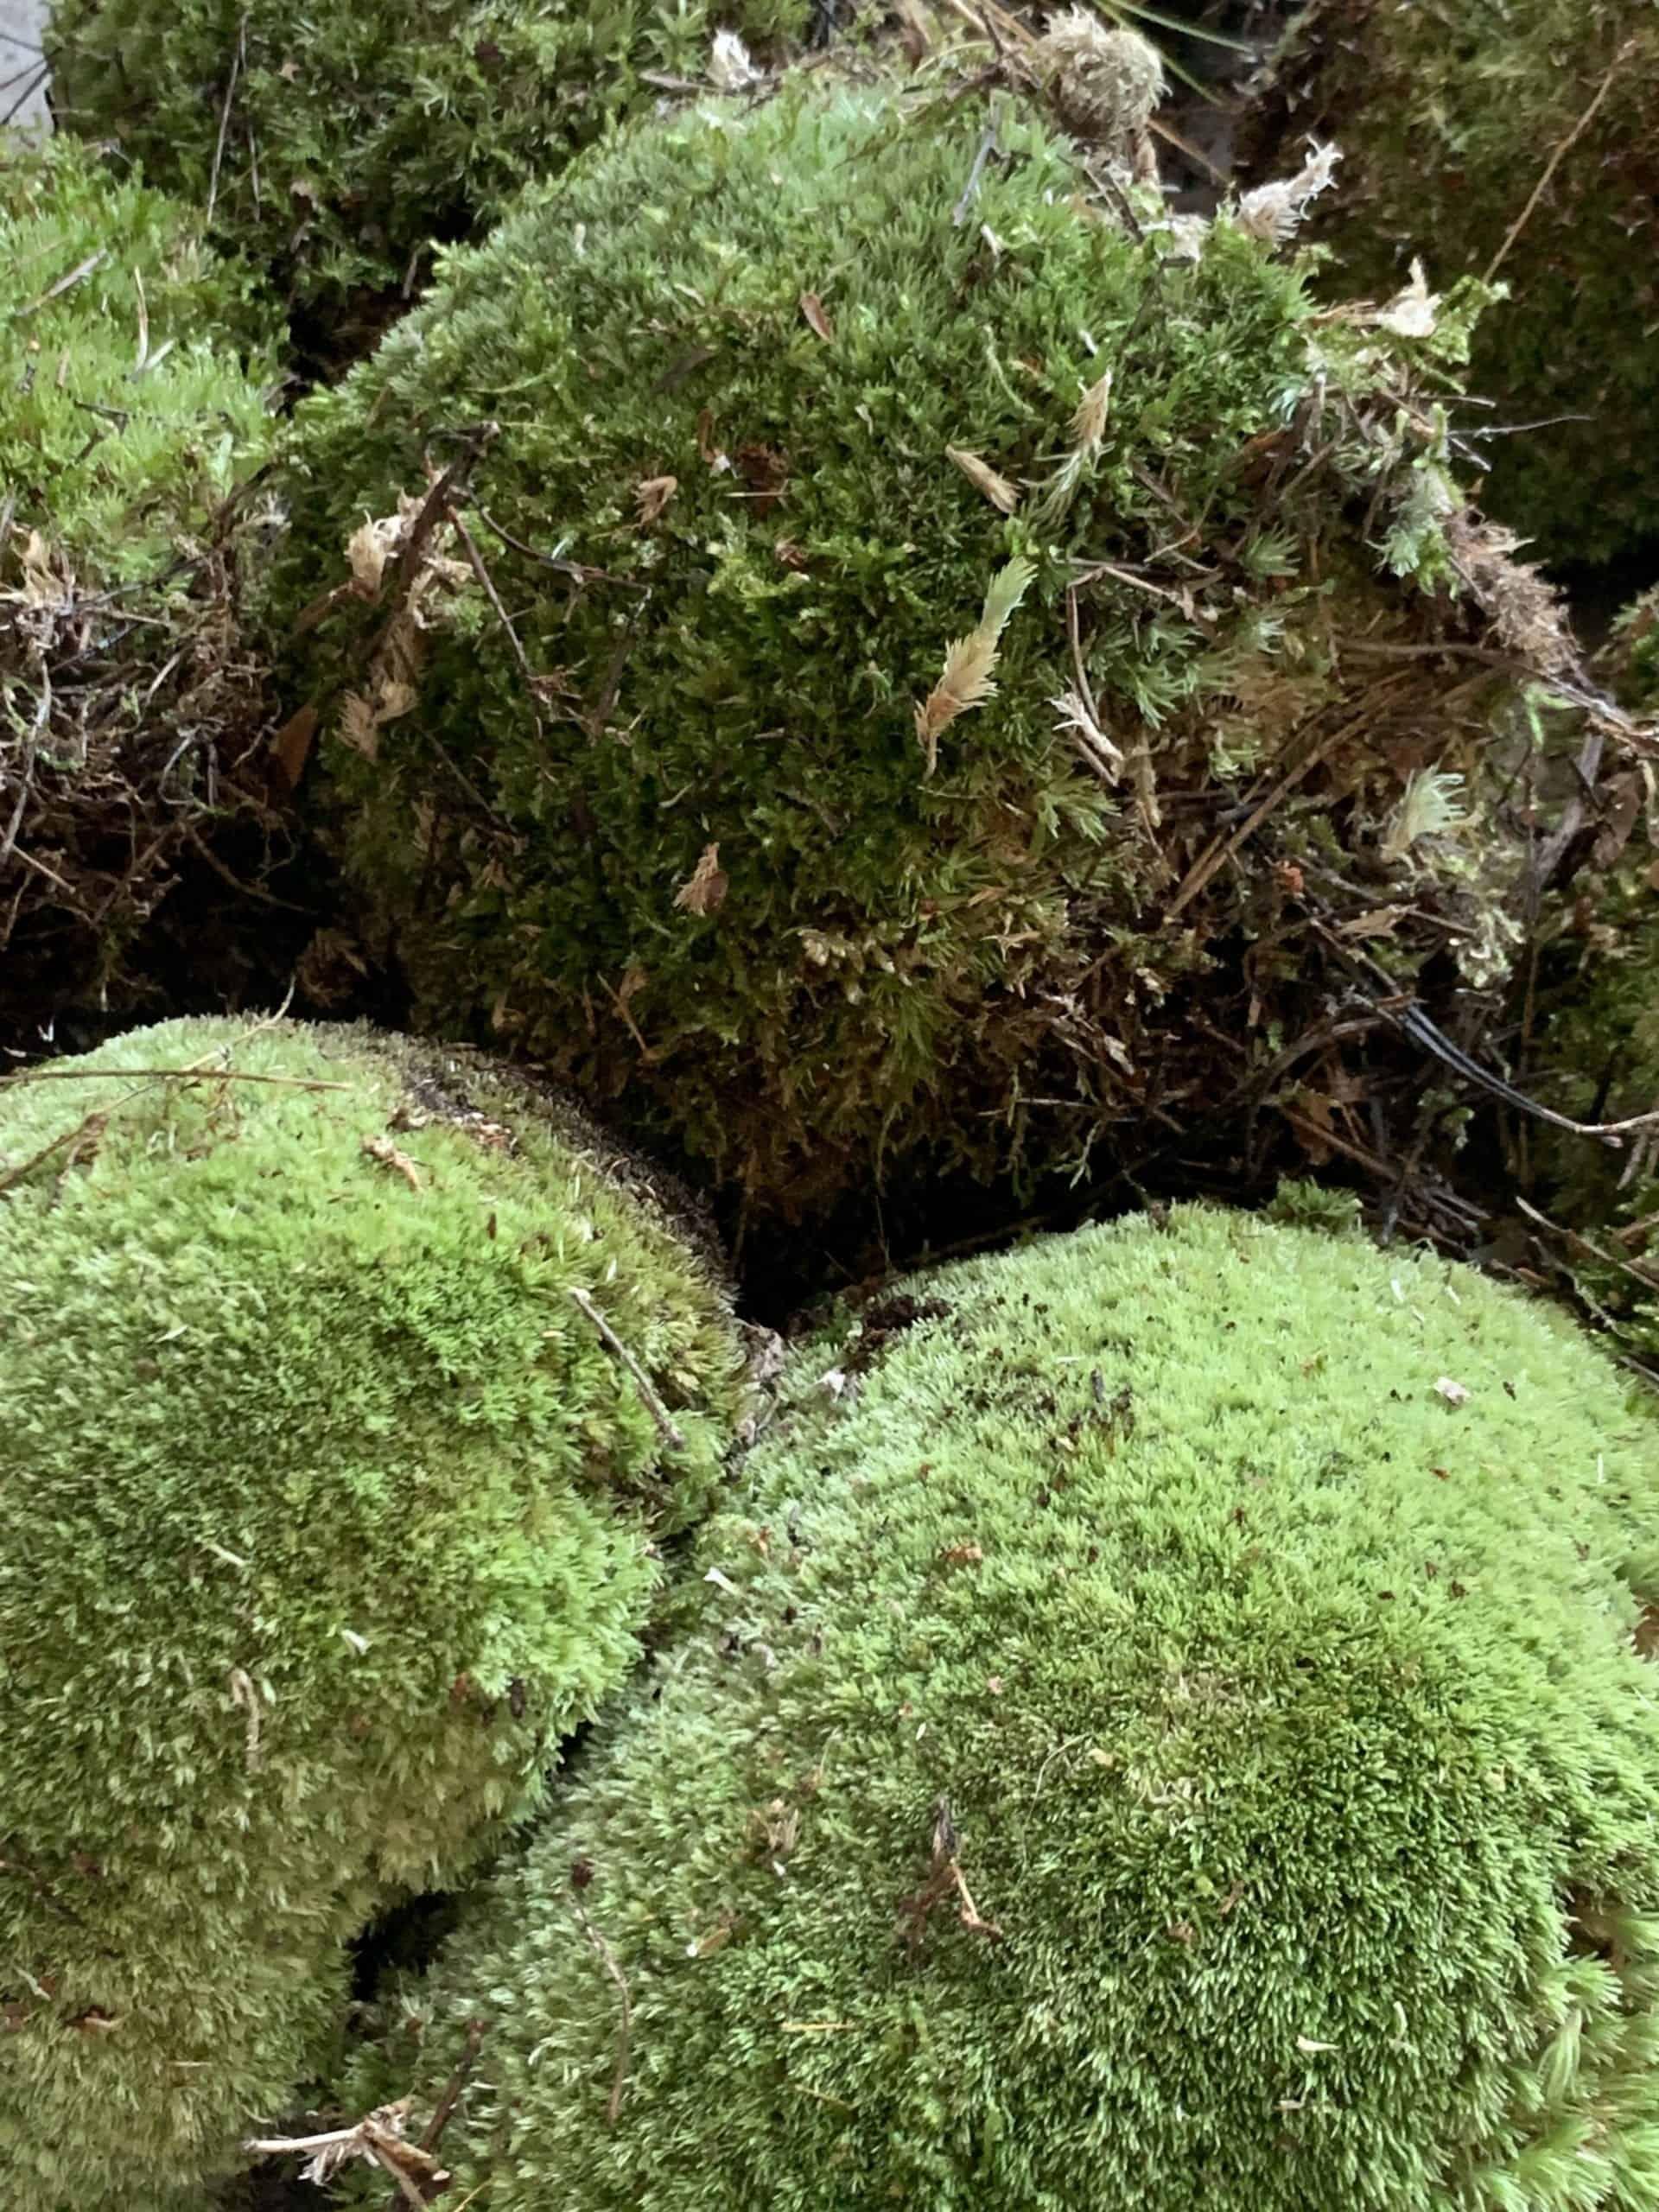 Fresh live cushion bun moss